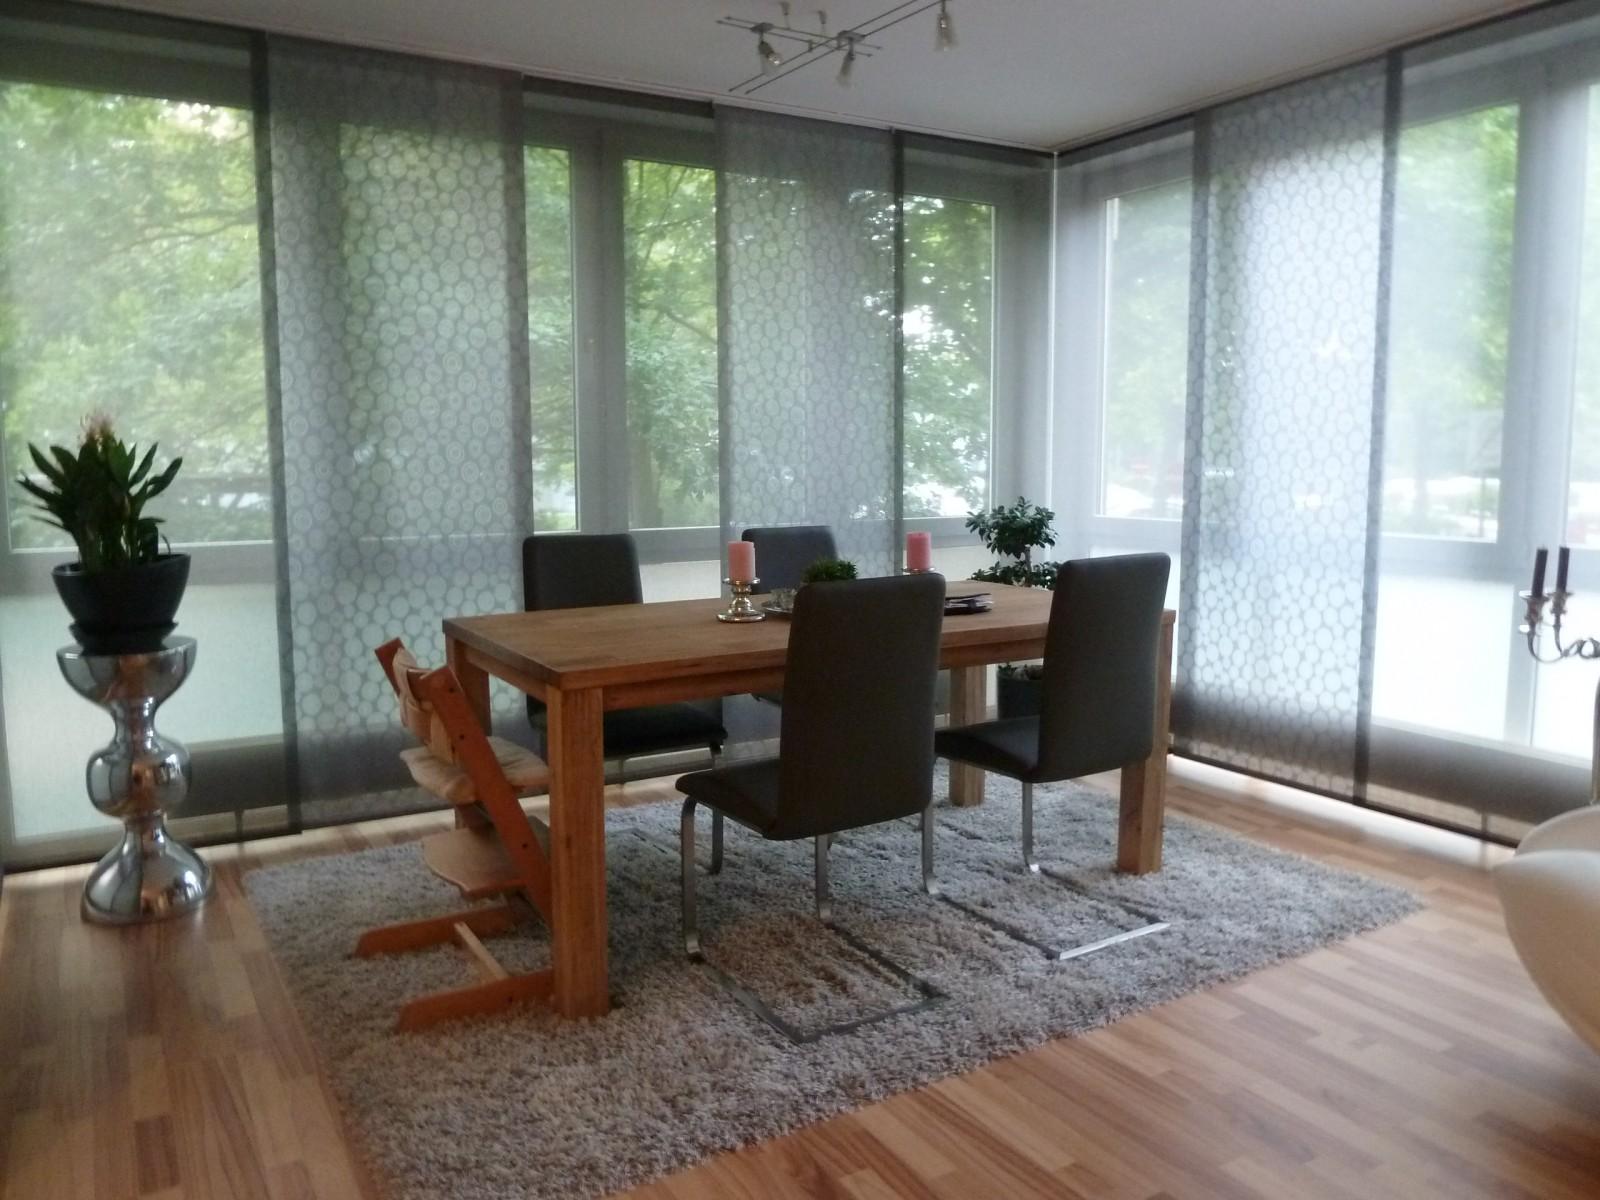 Wohnzimmer 39 wohn esszimmer 39 der neue lebensabschnitt for Wohnzimmer esszimmer